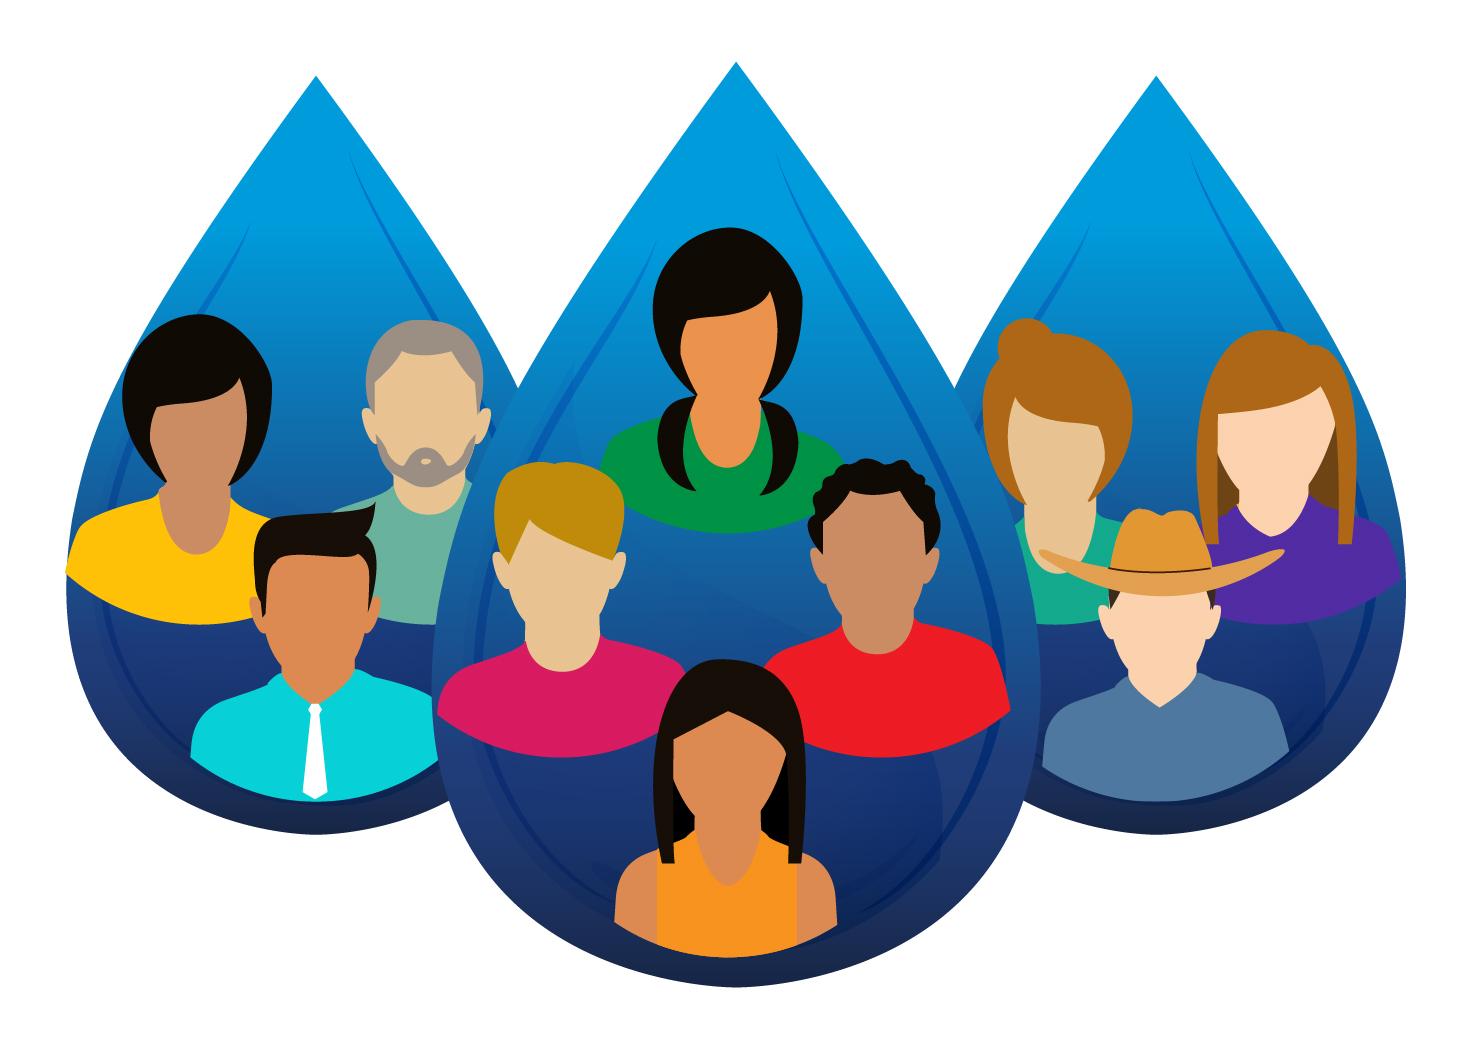 Buena Gobernanza para la Gestión Integrada de los Recursos Hídricos